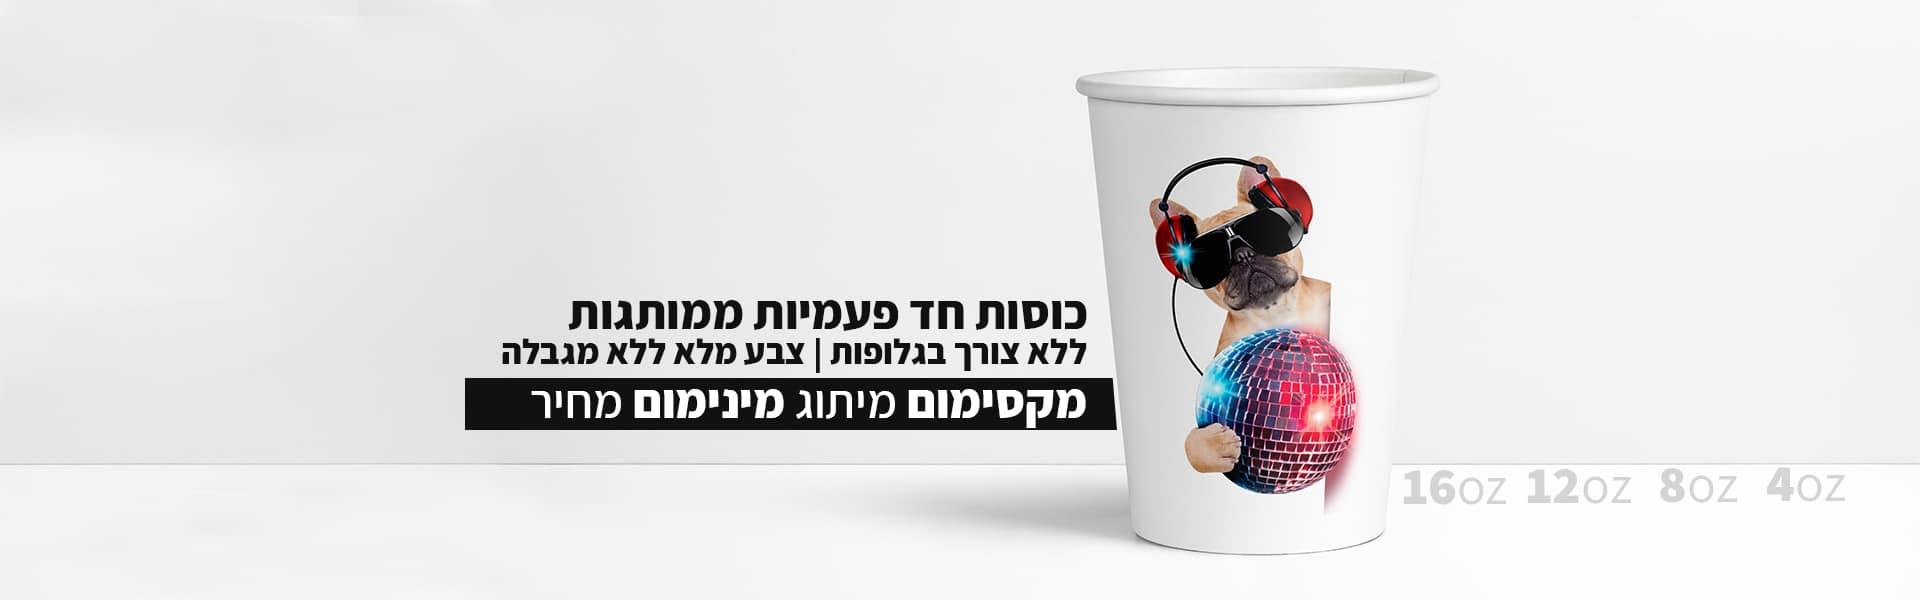 כוסות נייר ממותגות - גט פרינט דפוס לעסקים get print